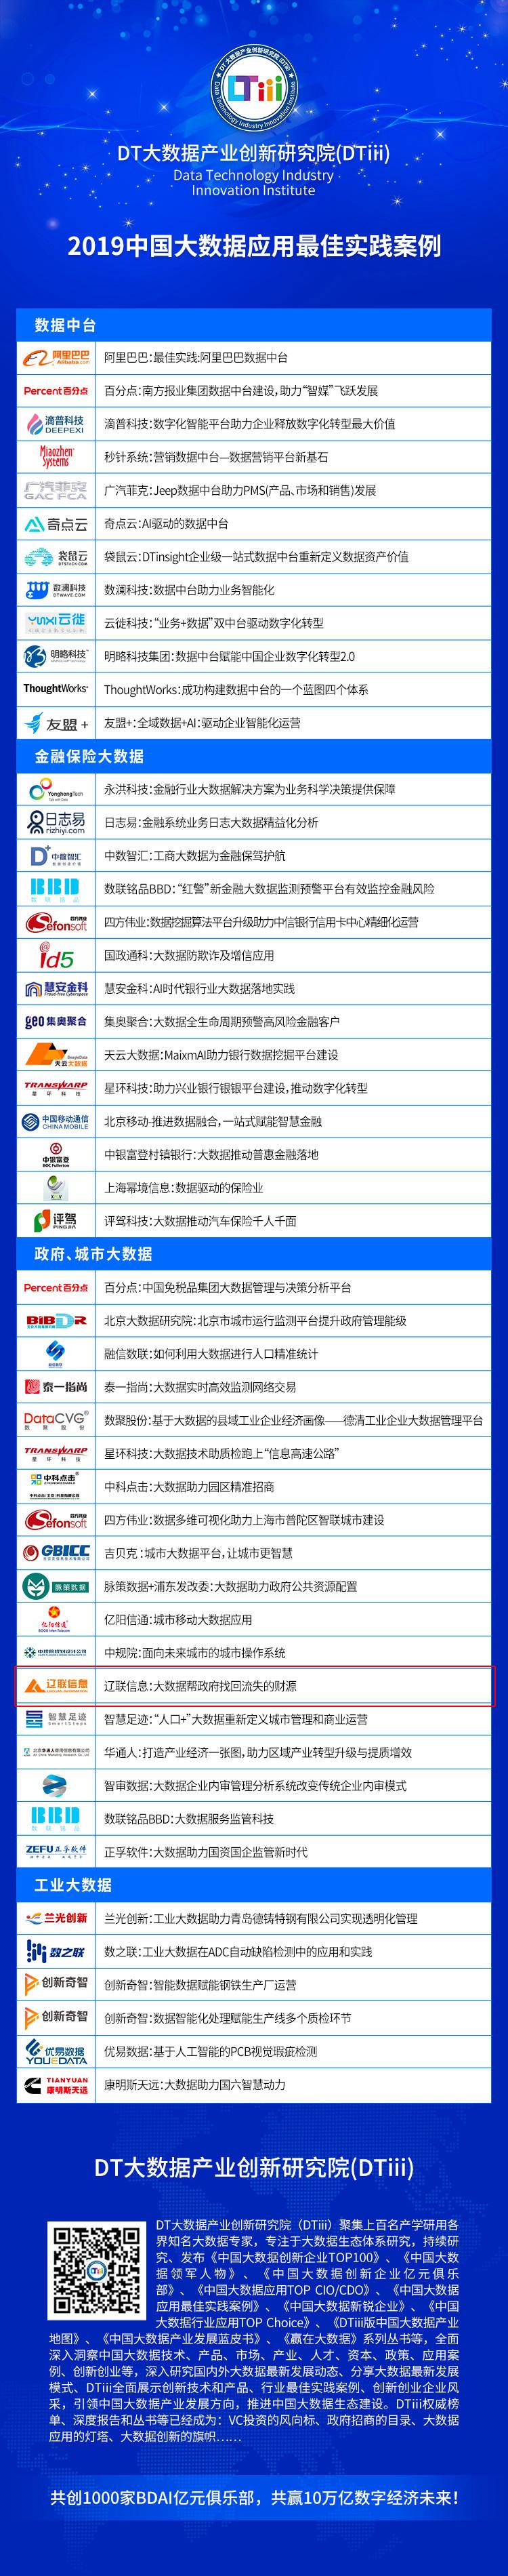 2019中国大数据应用最佳实践案例.jpg